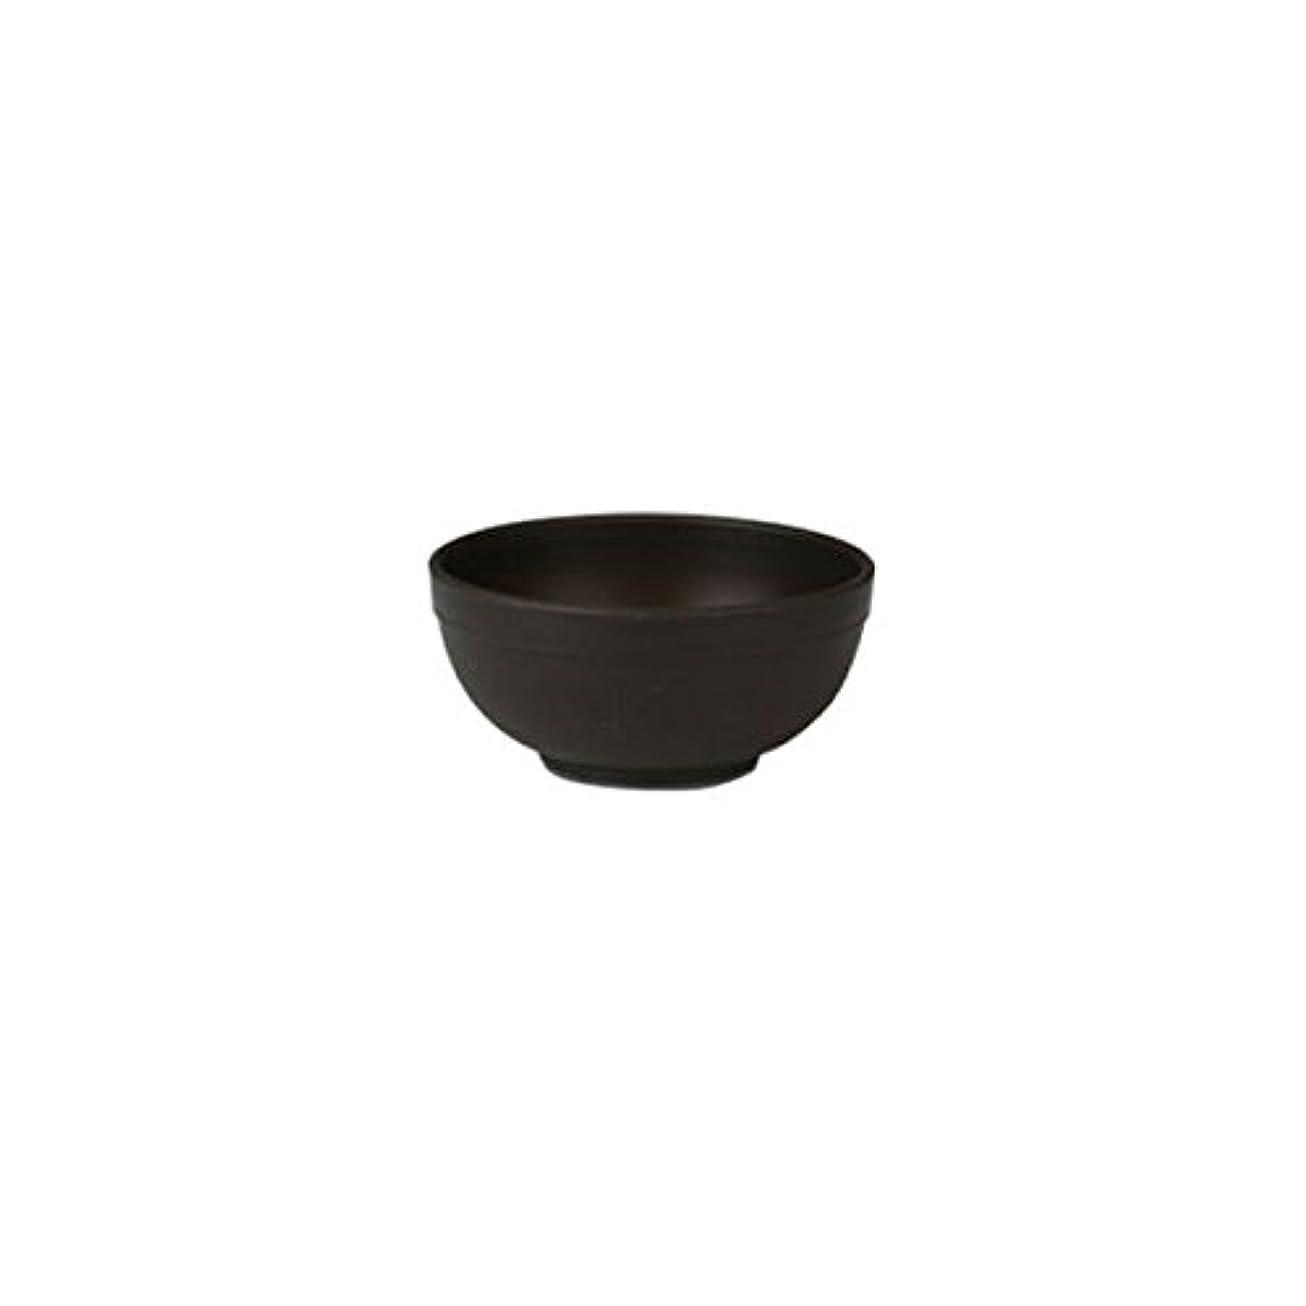 どんよりした圧縮ピューマイスター カラーボウル (Sサイズ) 直径6.5cm ブラウン [ カラーボール プラスチックボウル プラスチックボール カップボウル カップボール エステ サロン プラスチック ボウル カップ 割れない 歯科 ]